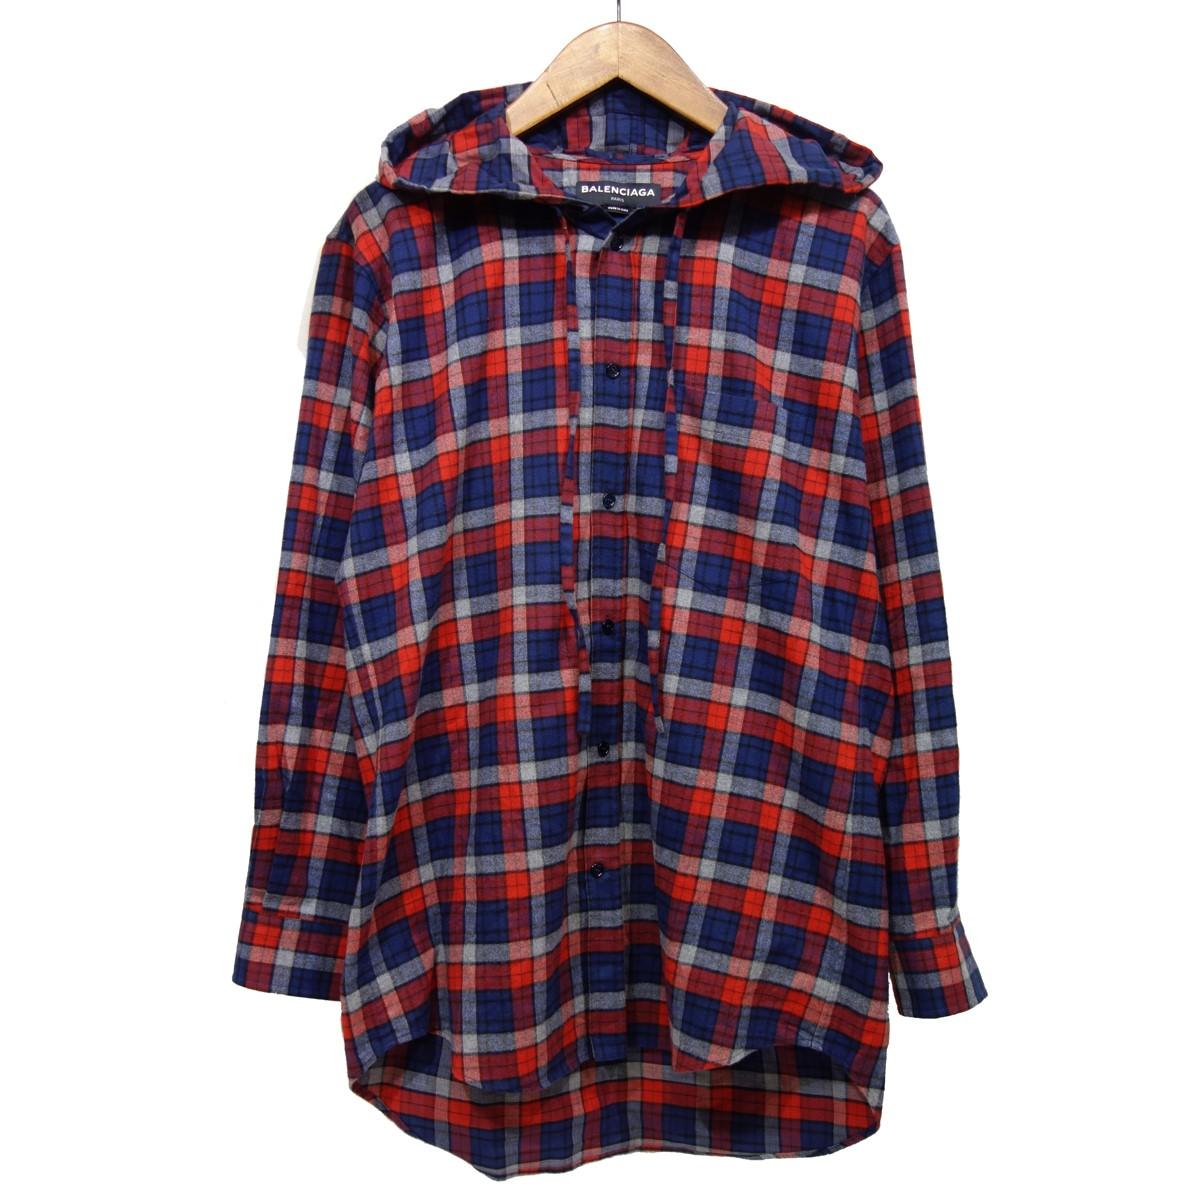 【中古】BALENCIAGA 【2017A/W】 フード付チェックシャツ 485990 レッド×ネイビー サイズ:37 【200420】(バレンシアガ)